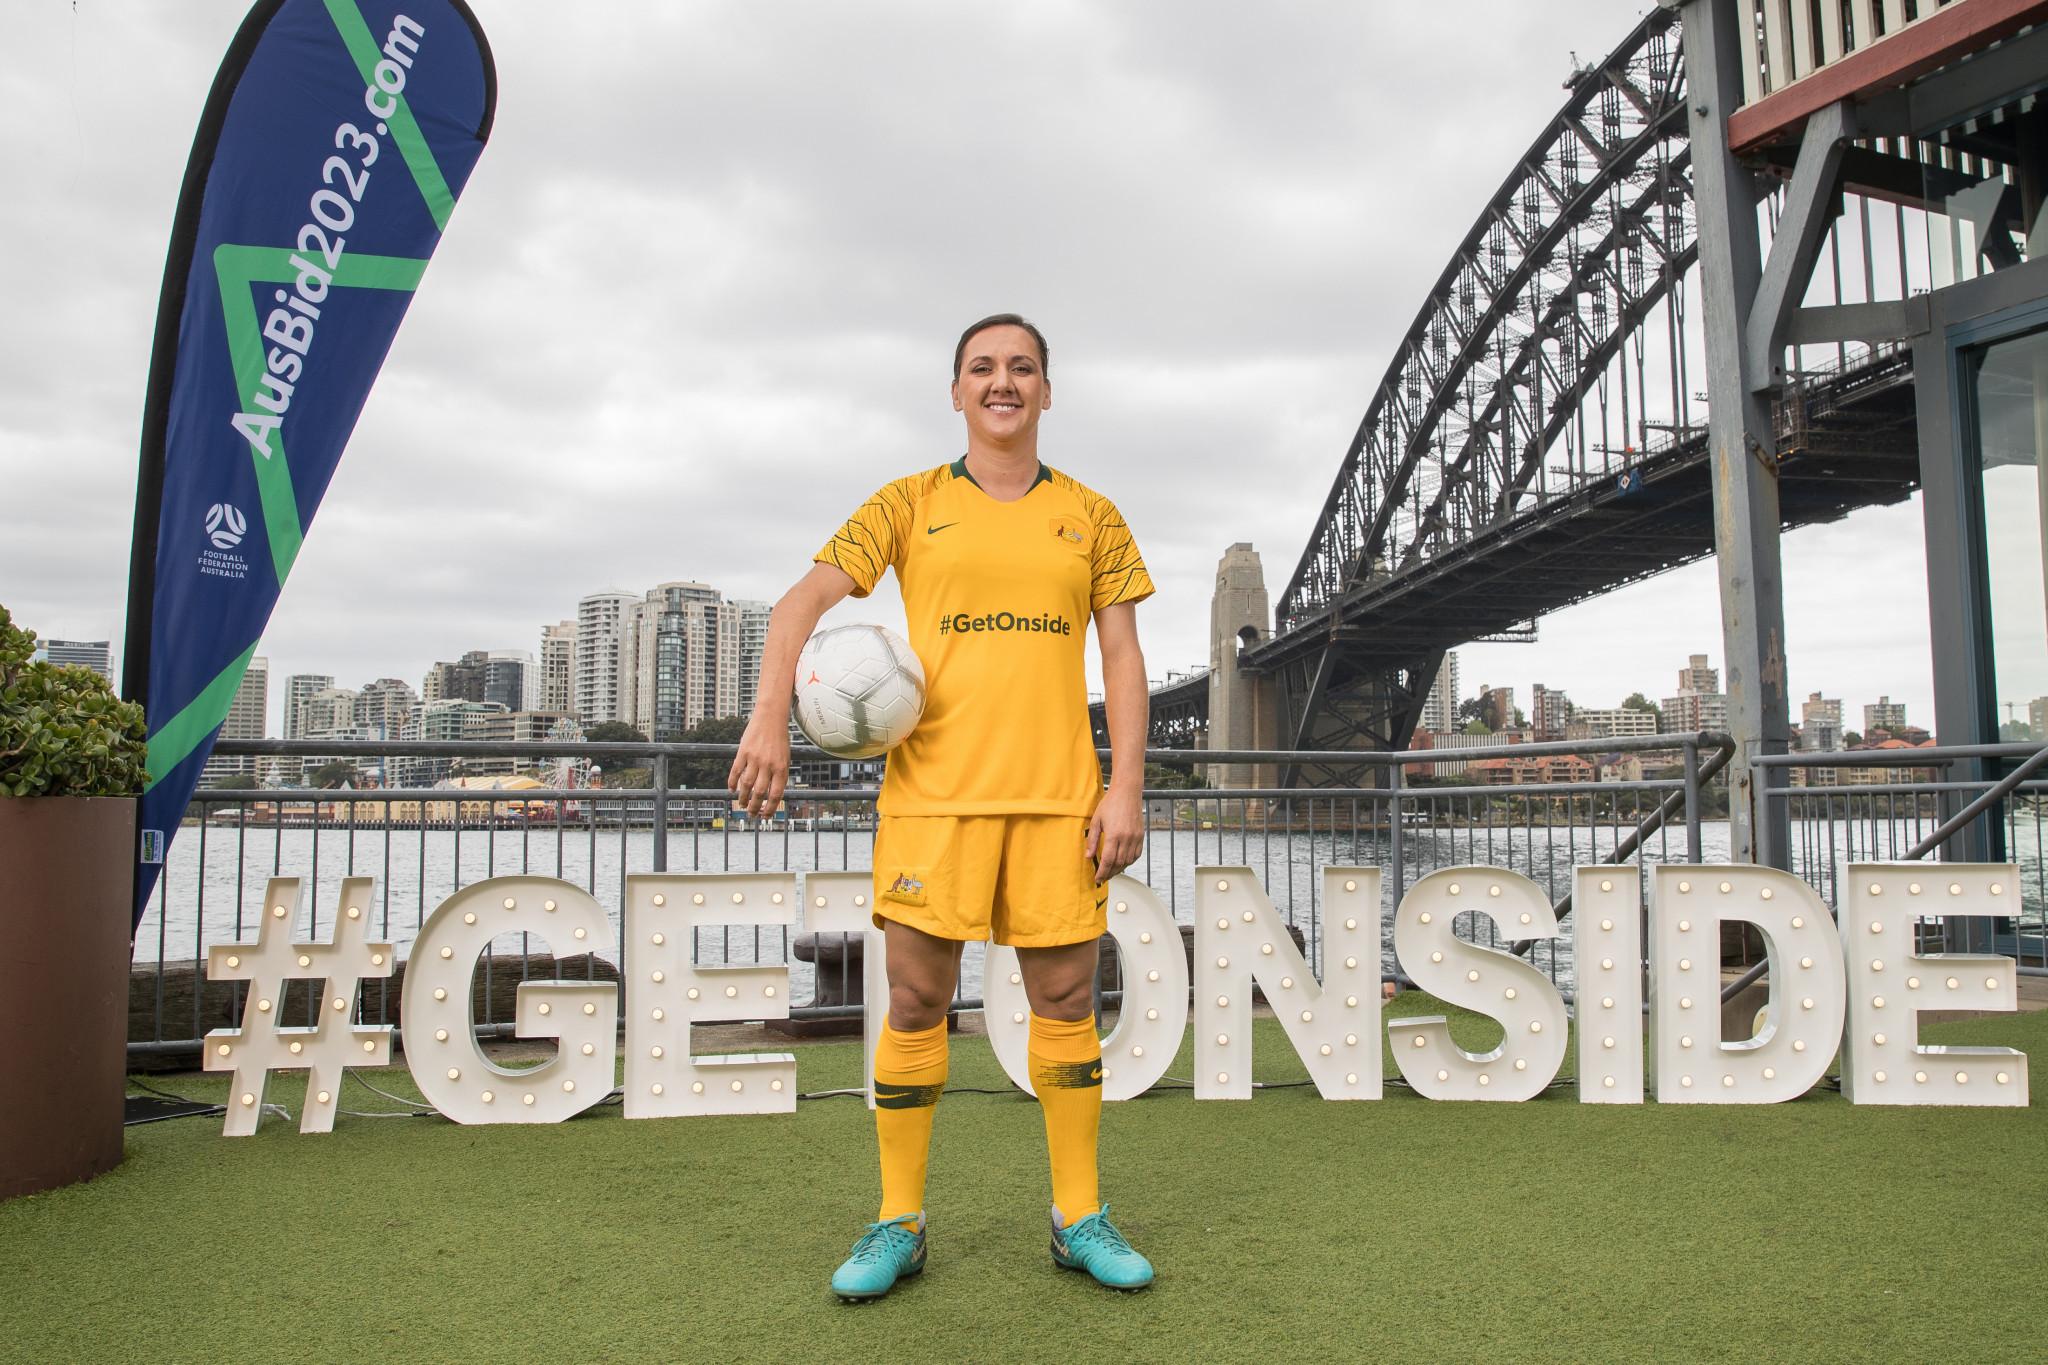 La Copa Mundial Femenina 2023 se disputará del 20 de julio al 20 de agosto © Getty Images